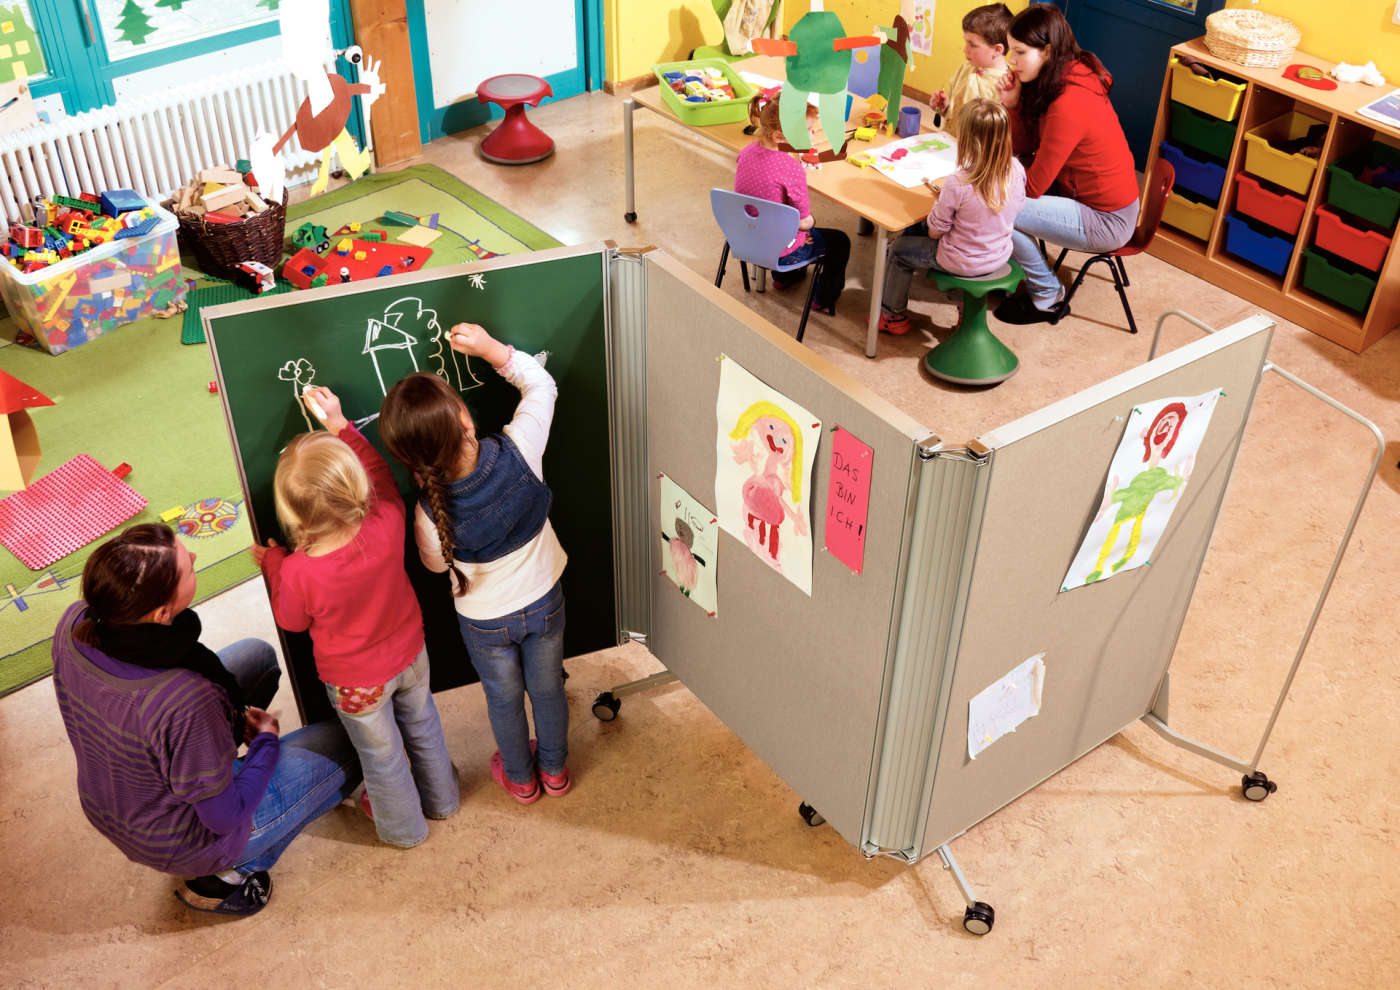 Kindergarten interior design image in 3d - Kindergarten Interior Design Image In 3d 40